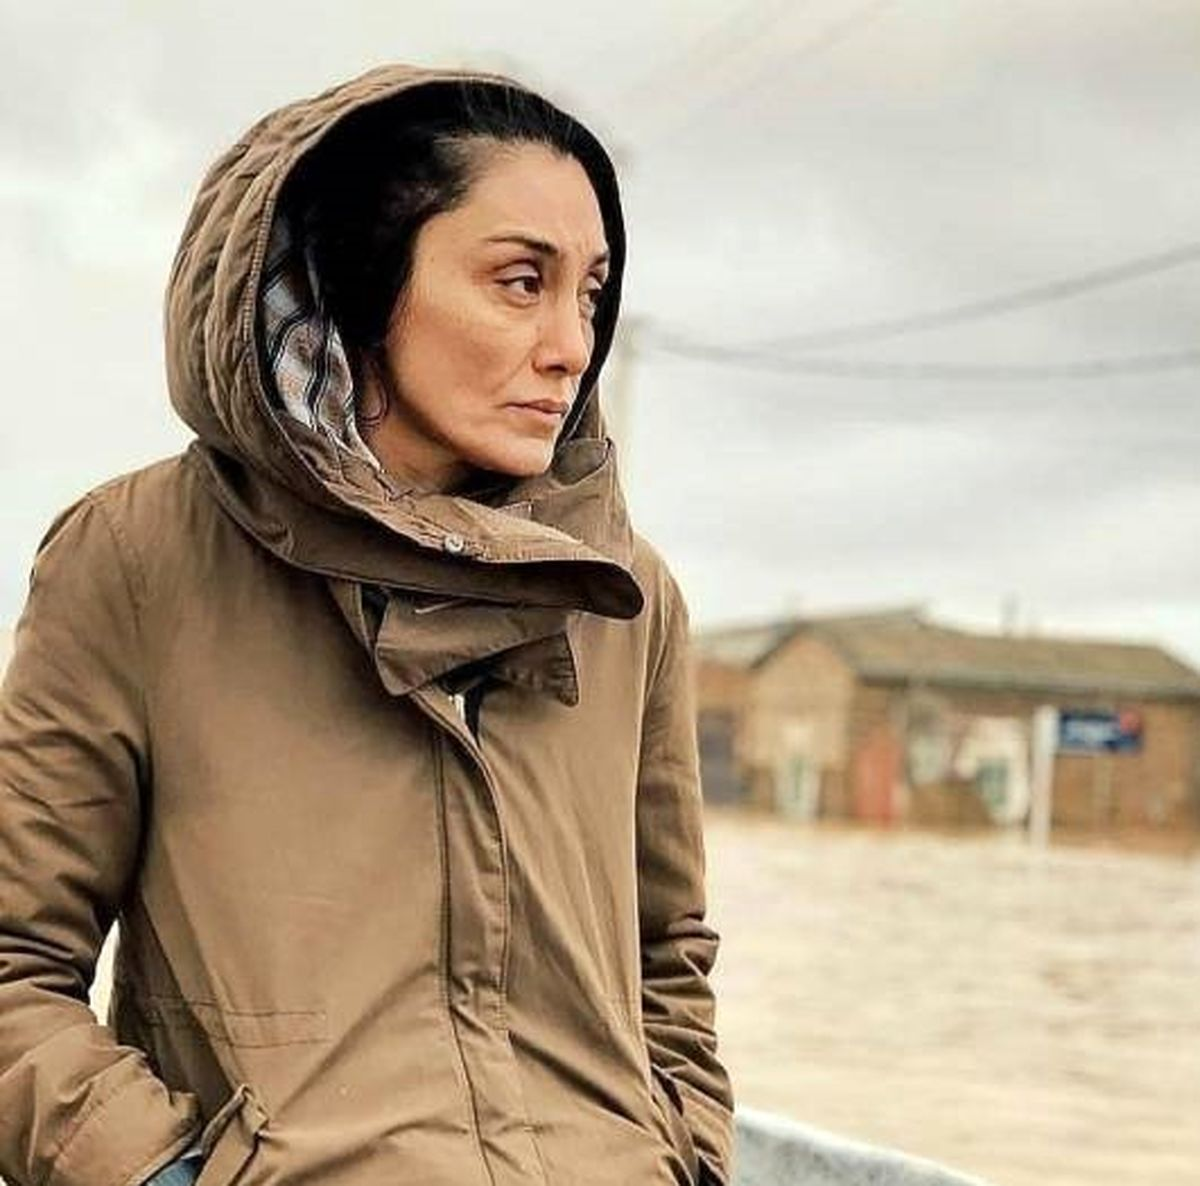 اتفاق ناگوار برای هدیه تهرانی/هدیه تهرانی مرد و زنده شد +عکس